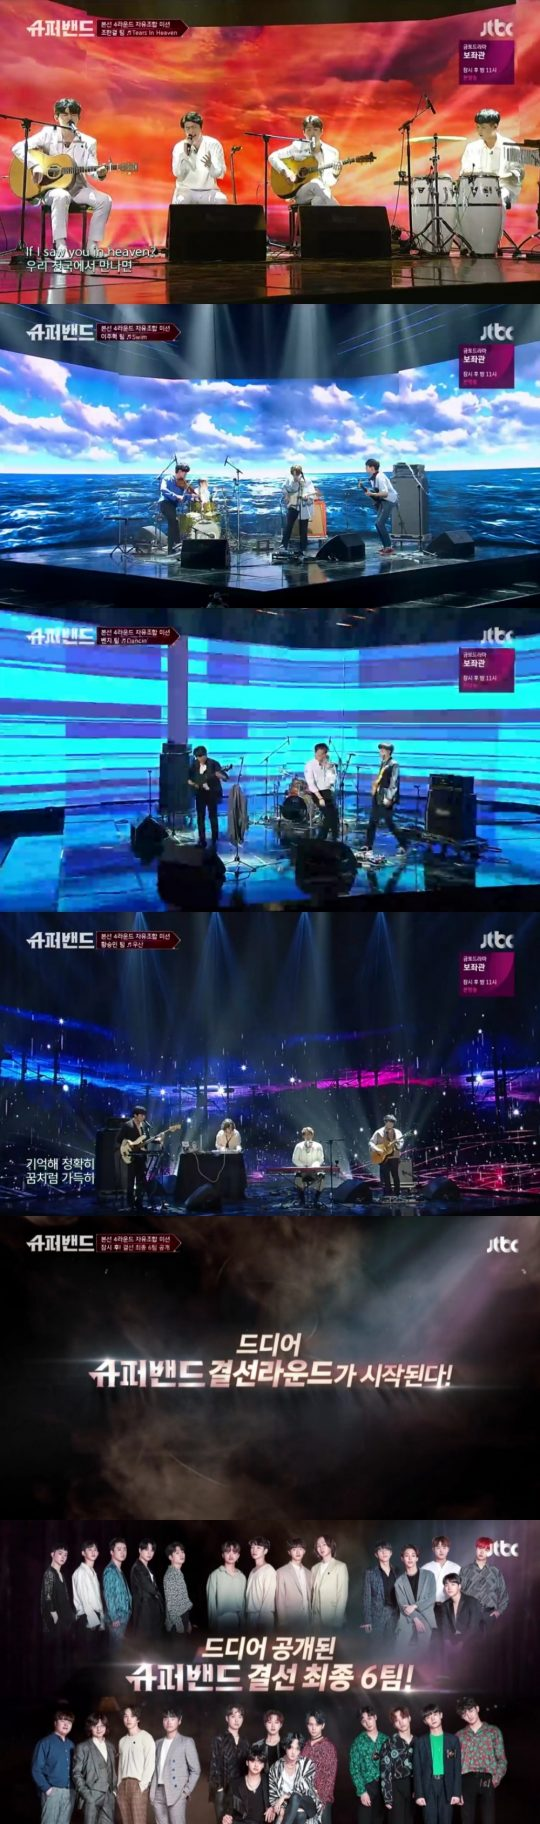 JTBC '슈퍼밴드' 방송 화면